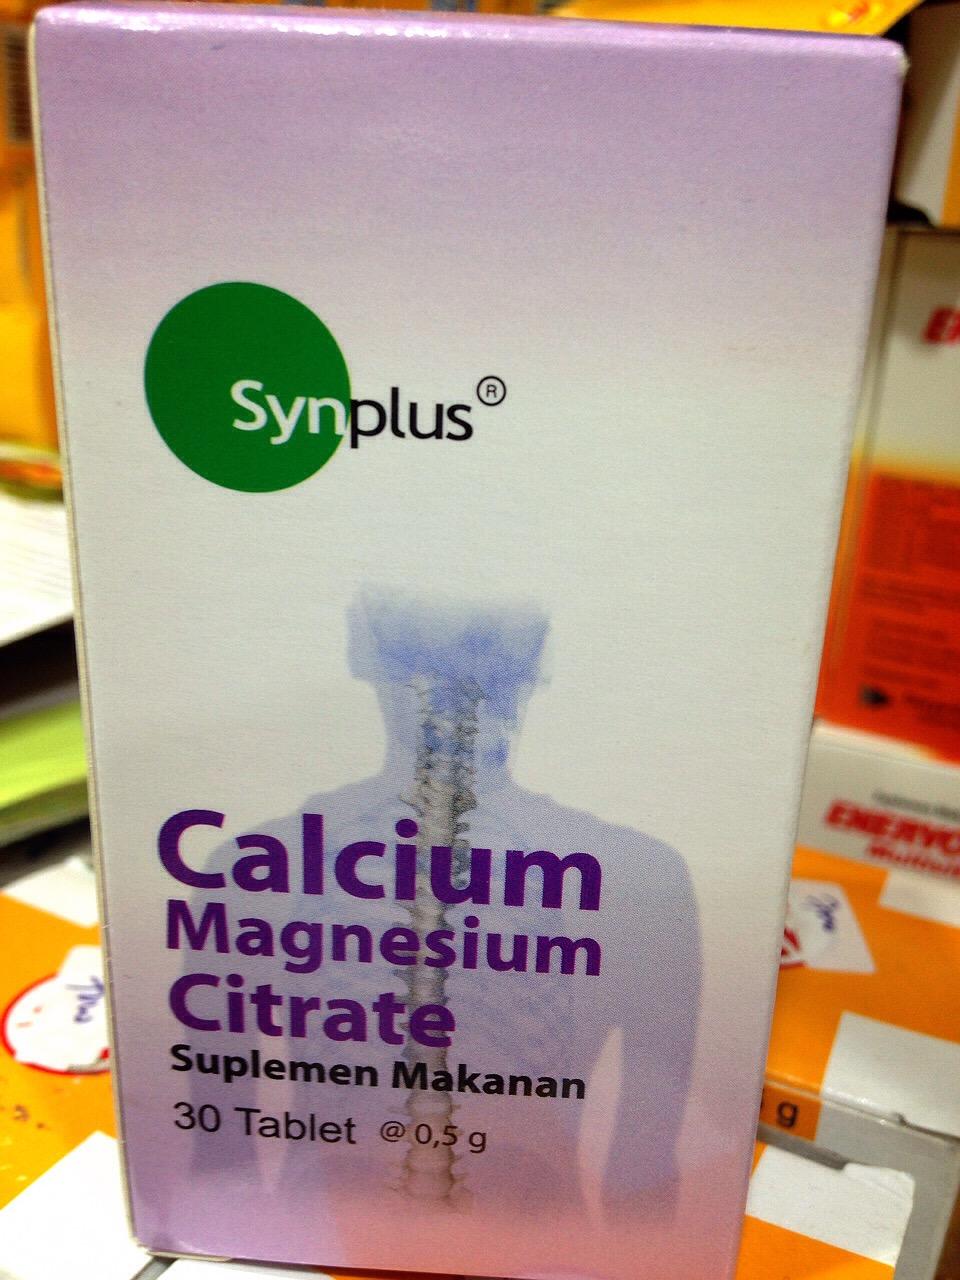 harga SynPlus Calcium, Magnesium, Citrate 30 Tablet Tokopedia.com